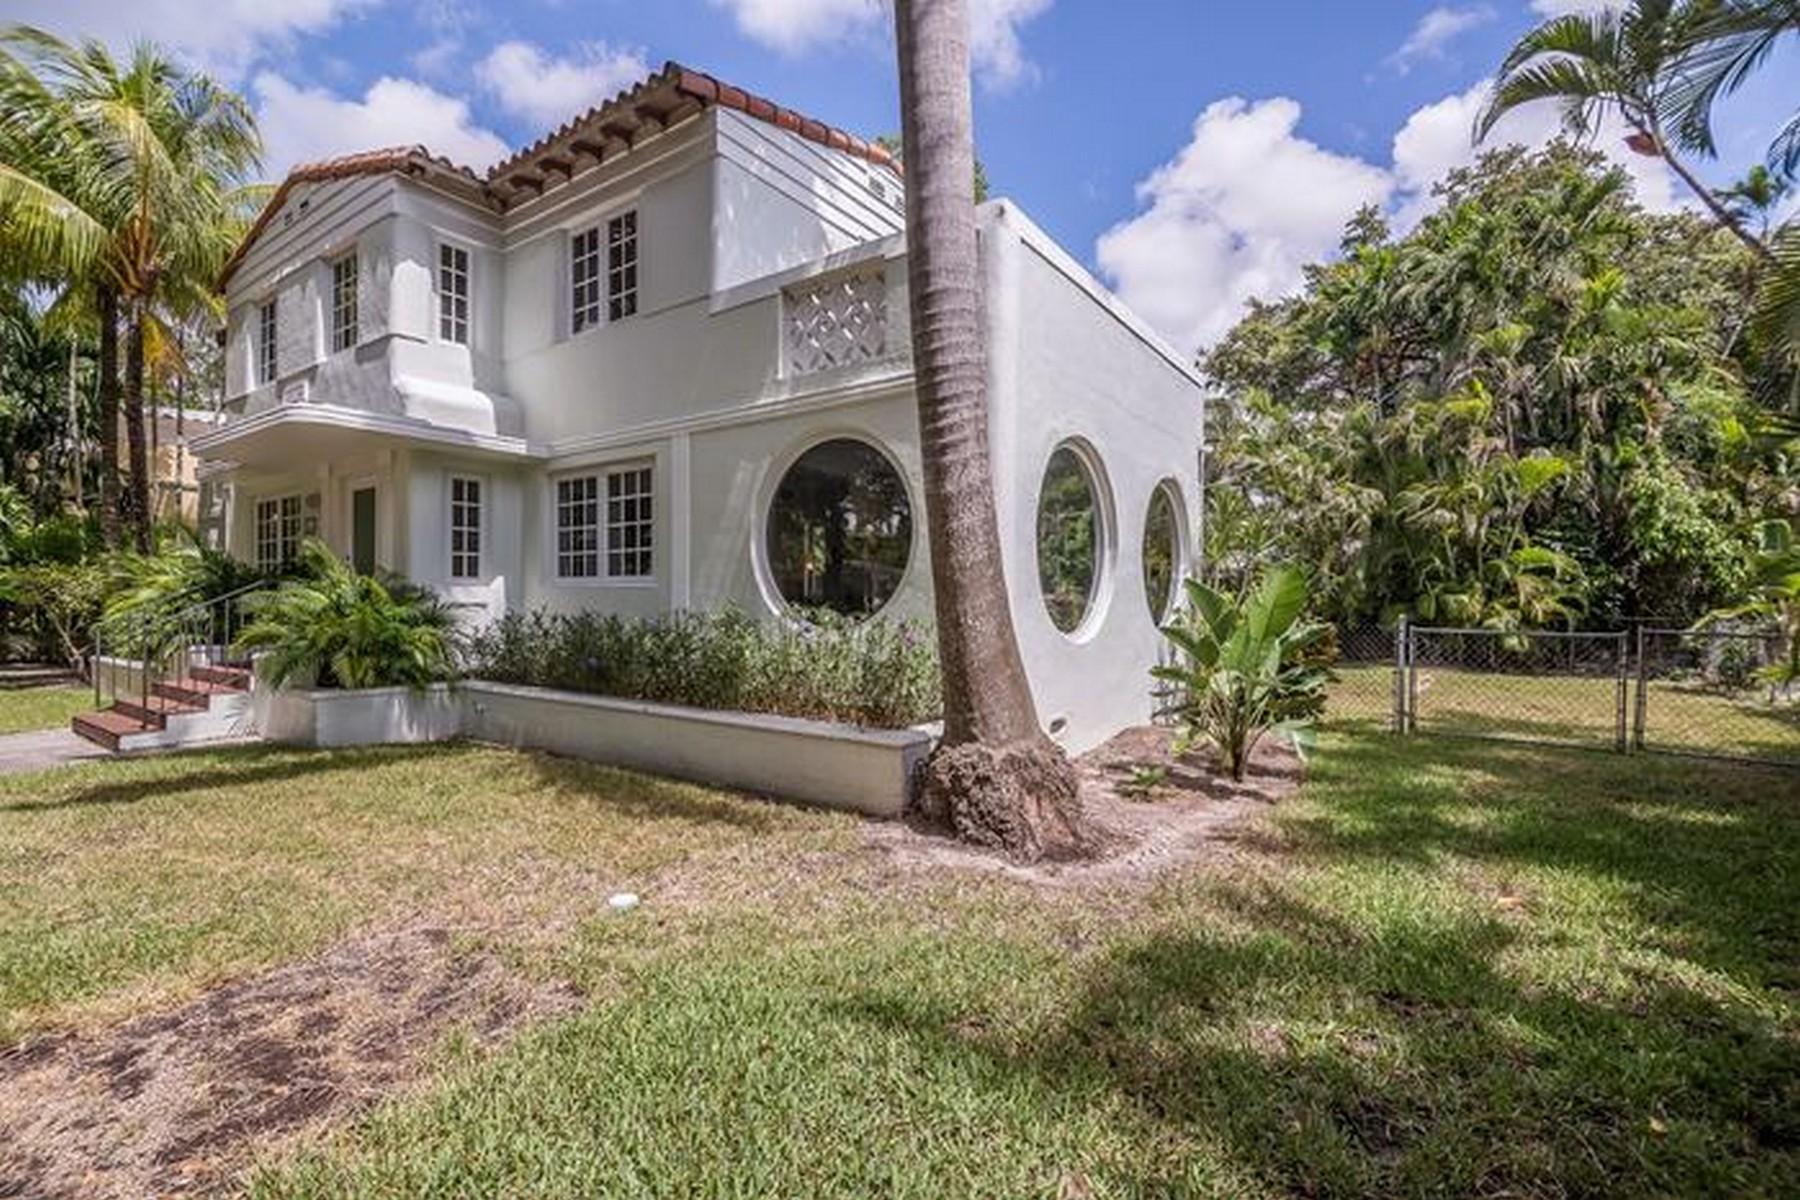 단독 가정 주택 용 매매 에 611 Camilo Ave Coral Gables, 플로리다 33134 미국